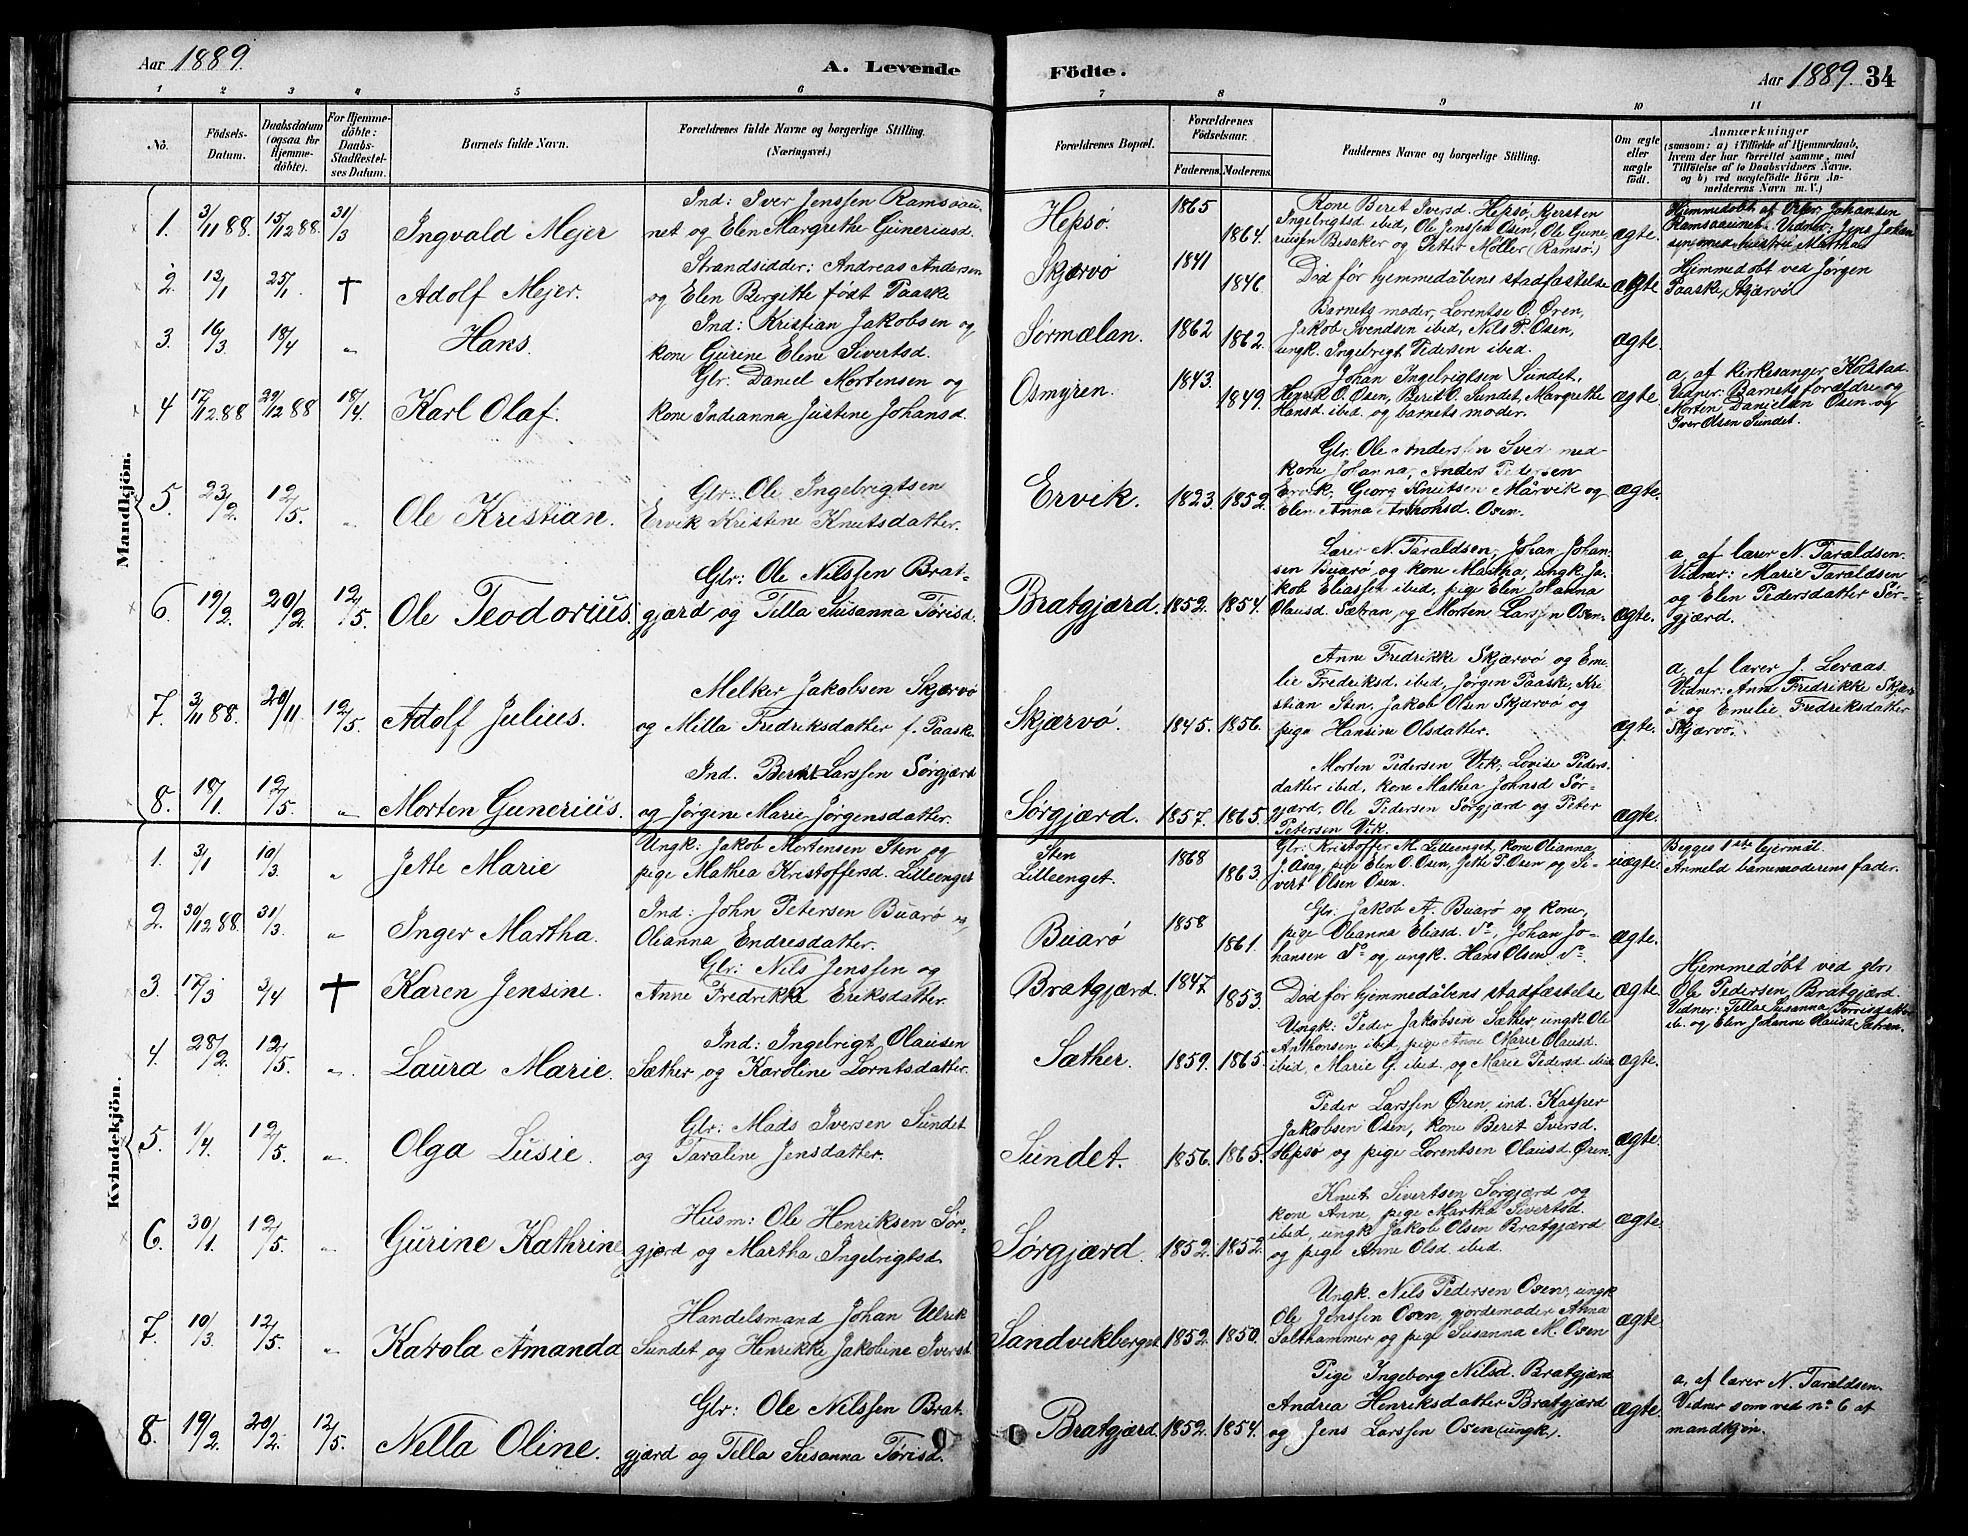 SAT, Ministerialprotokoller, klokkerbøker og fødselsregistre - Sør-Trøndelag, 658/L0726: Klokkerbok nr. 658C02, 1883-1908, s. 34